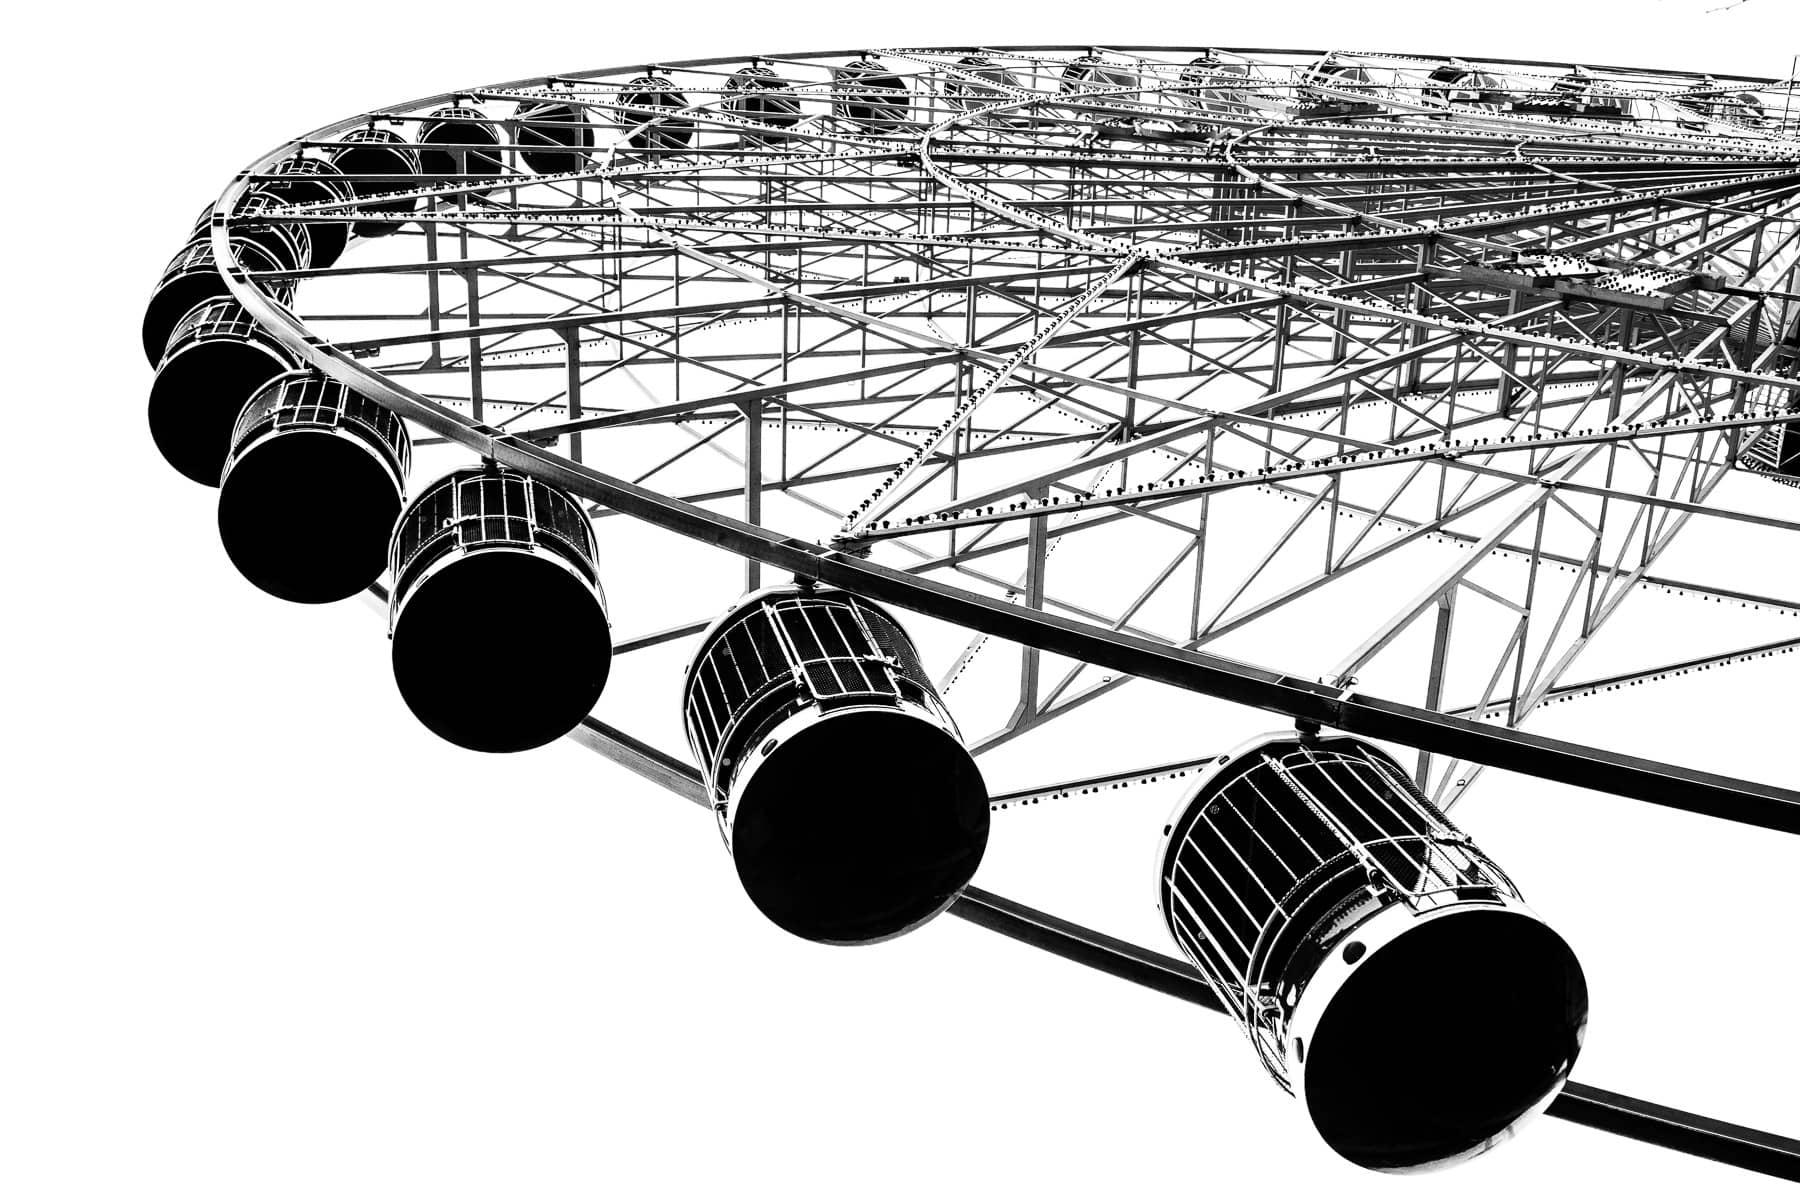 Gondolas hang from the Texas Star Ferris Wheel at Dallas' Fair Park.